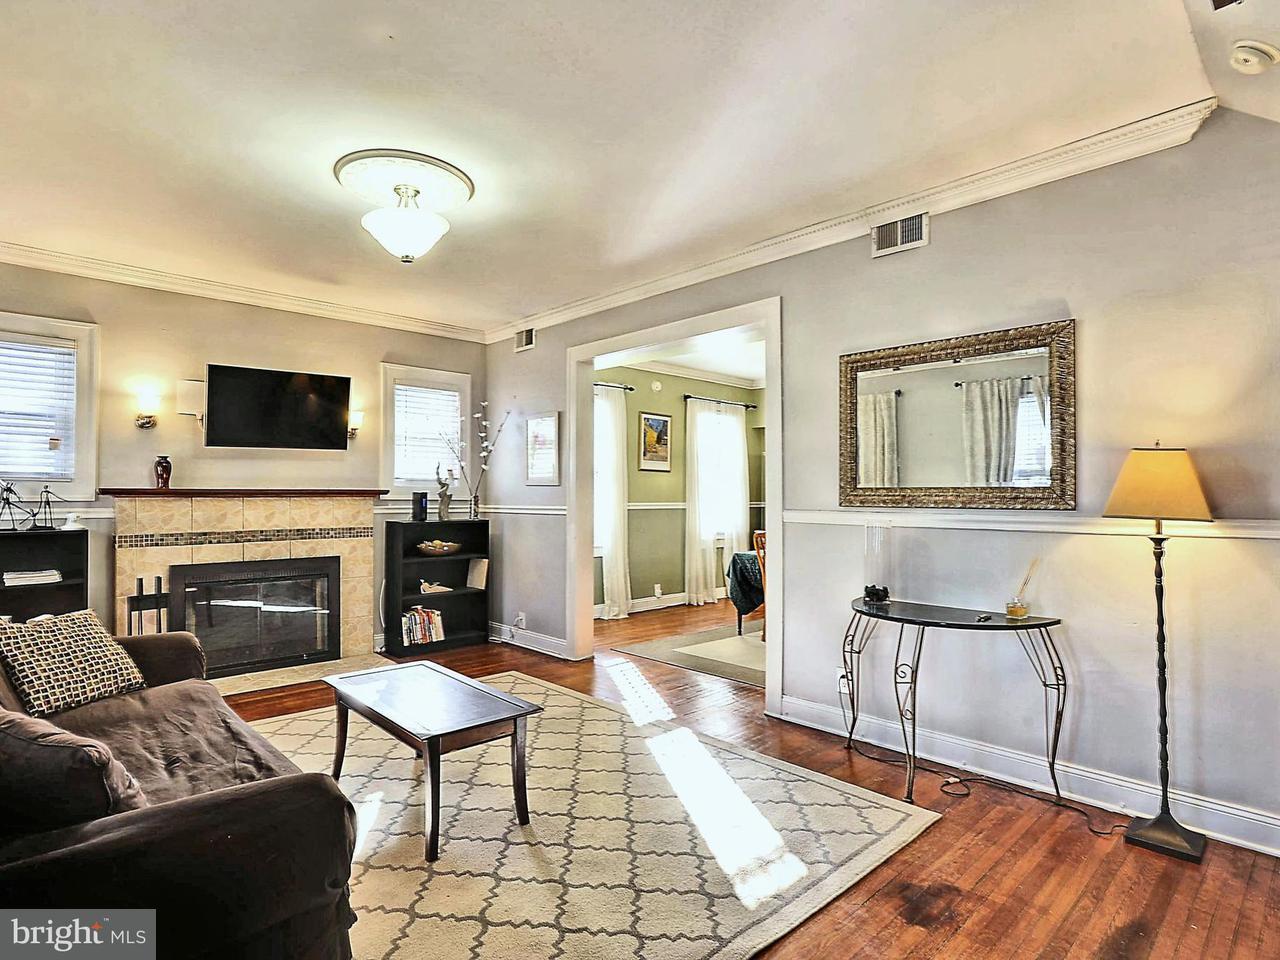 獨棟家庭住宅 為 出售 在 3302 24th St Ne 3302 24th St Ne Washington, 哥倫比亞特區 20018 美國